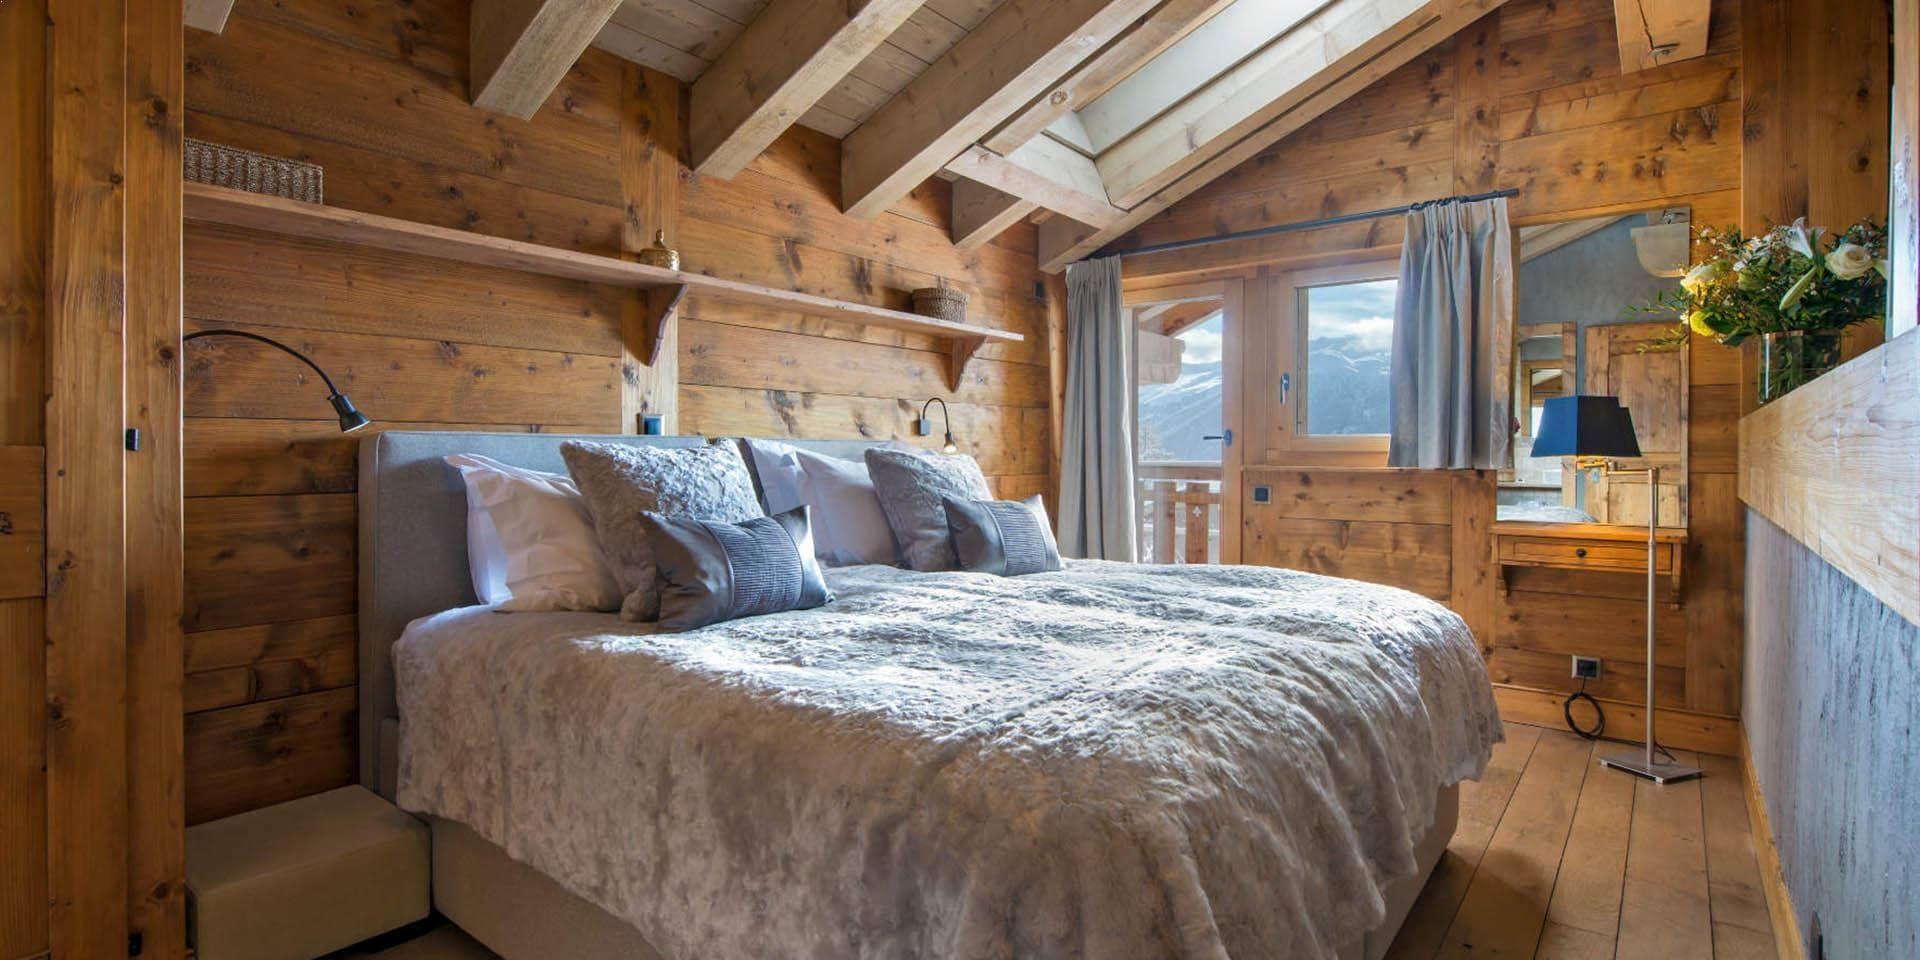 Chalet Pierre Avoi Verbier Les 4 Vallees Zwitserland wintersport skivakantie luxe slaapkamer 2-persoonsbed kussens sprei bloemen balkon sneeuw bomen uitzicht